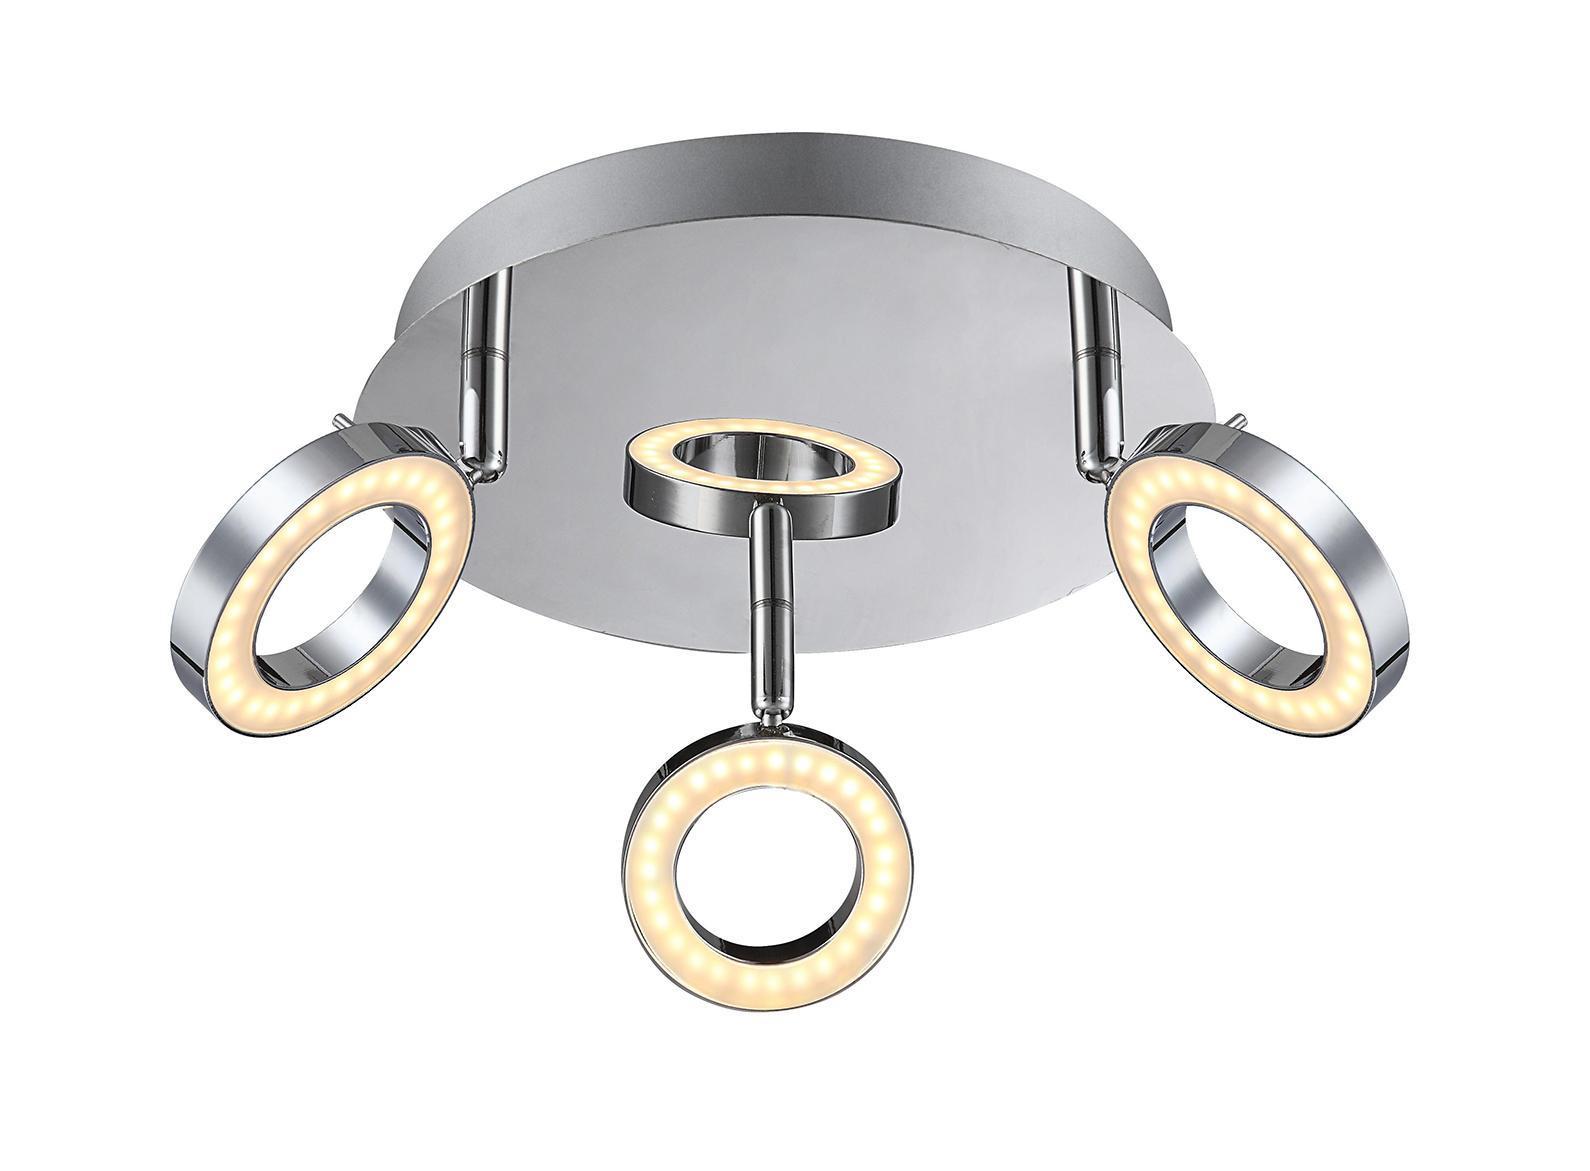 56107-3 ORELL Спот56107-3Подвесной светильник ORELL 56107-3 идеально подойдет для интерьеров в стиле модерн. Основные элементы светильника Globo Orell изготовлены из следующих материалов: металл, акрил.